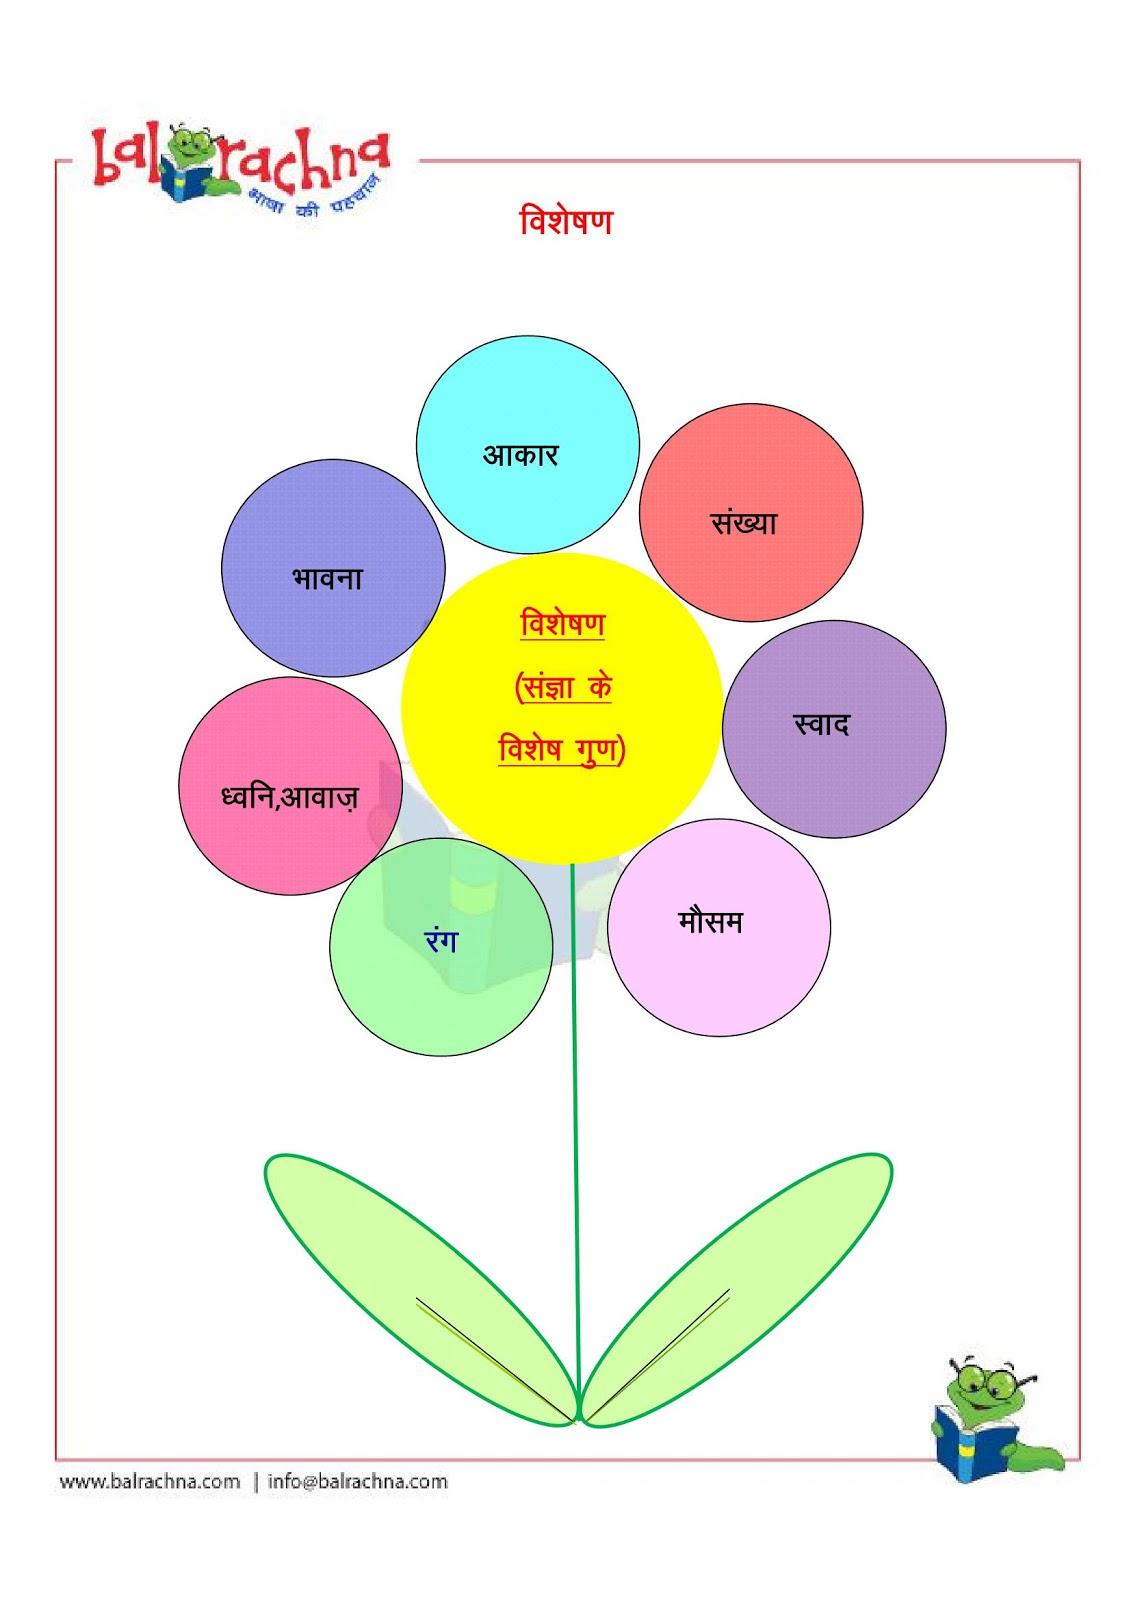 Balrachna Hindi Language